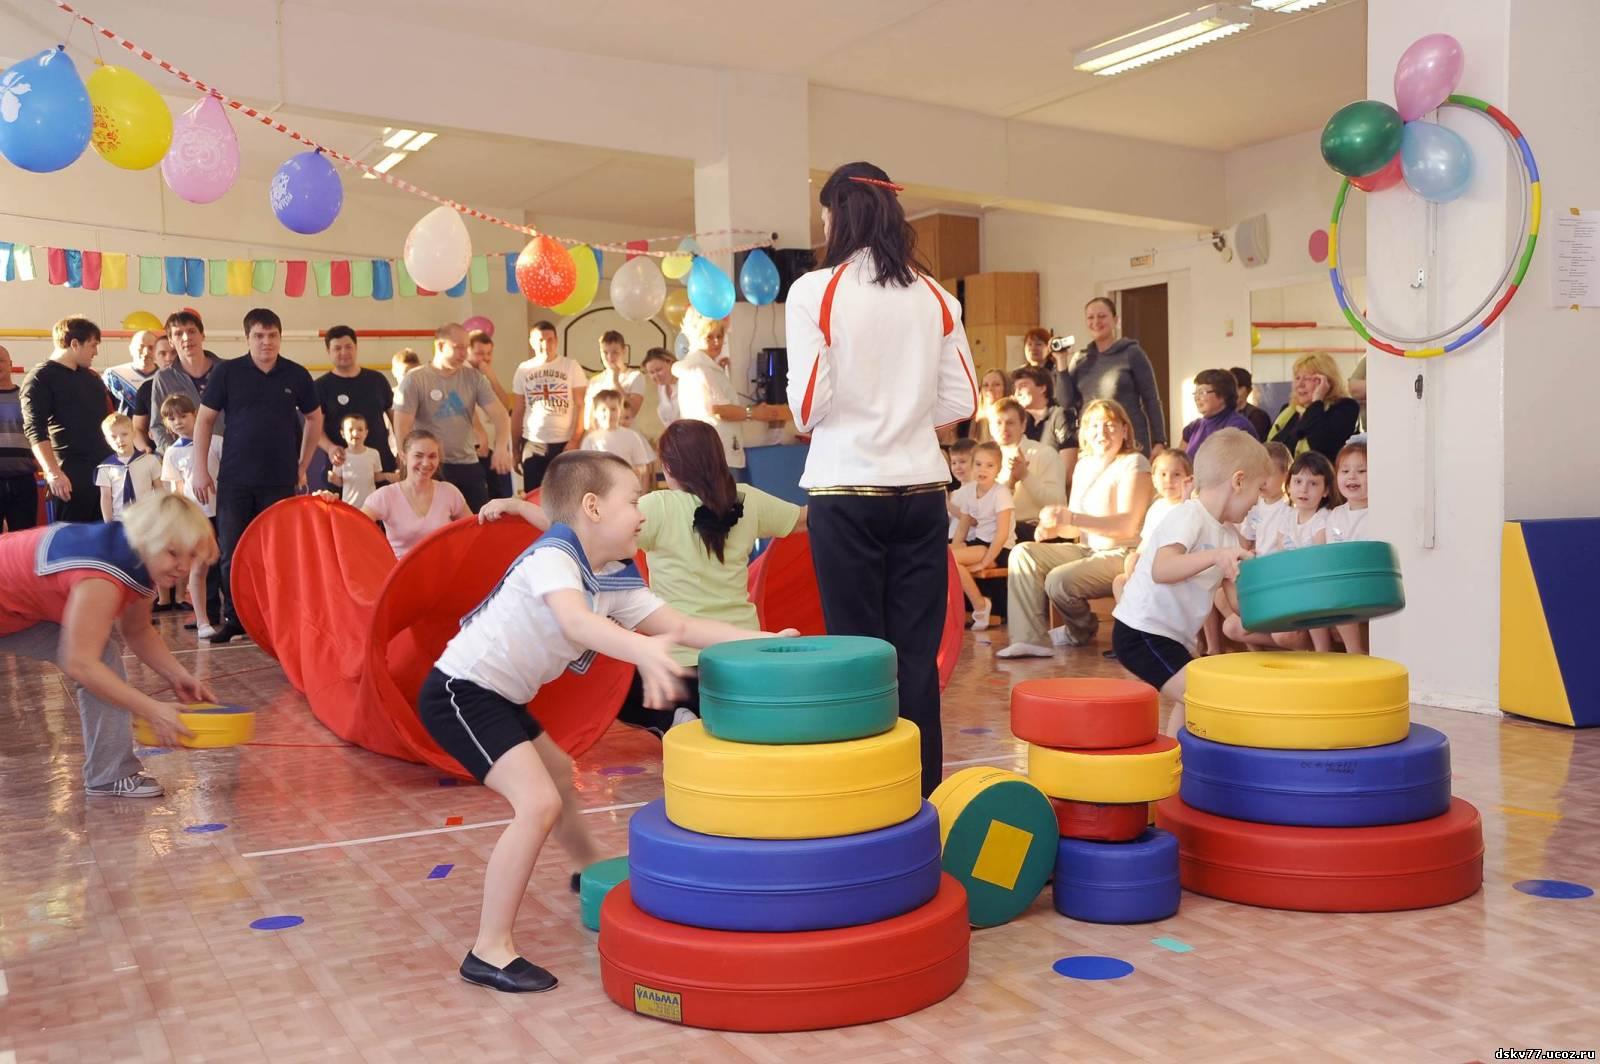 Музыкальный конкурс на спортивном празднике